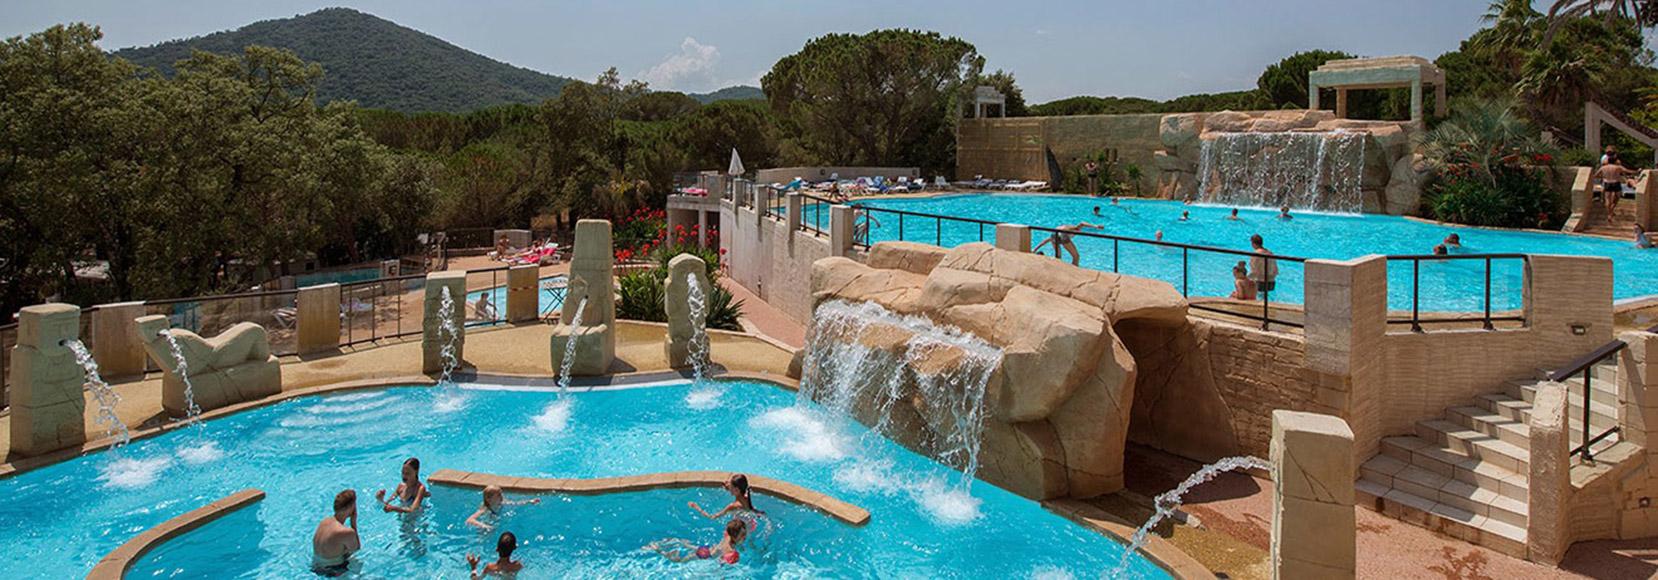 Des vacances en camping moins cher for Camping en normandie avec piscine pas cher